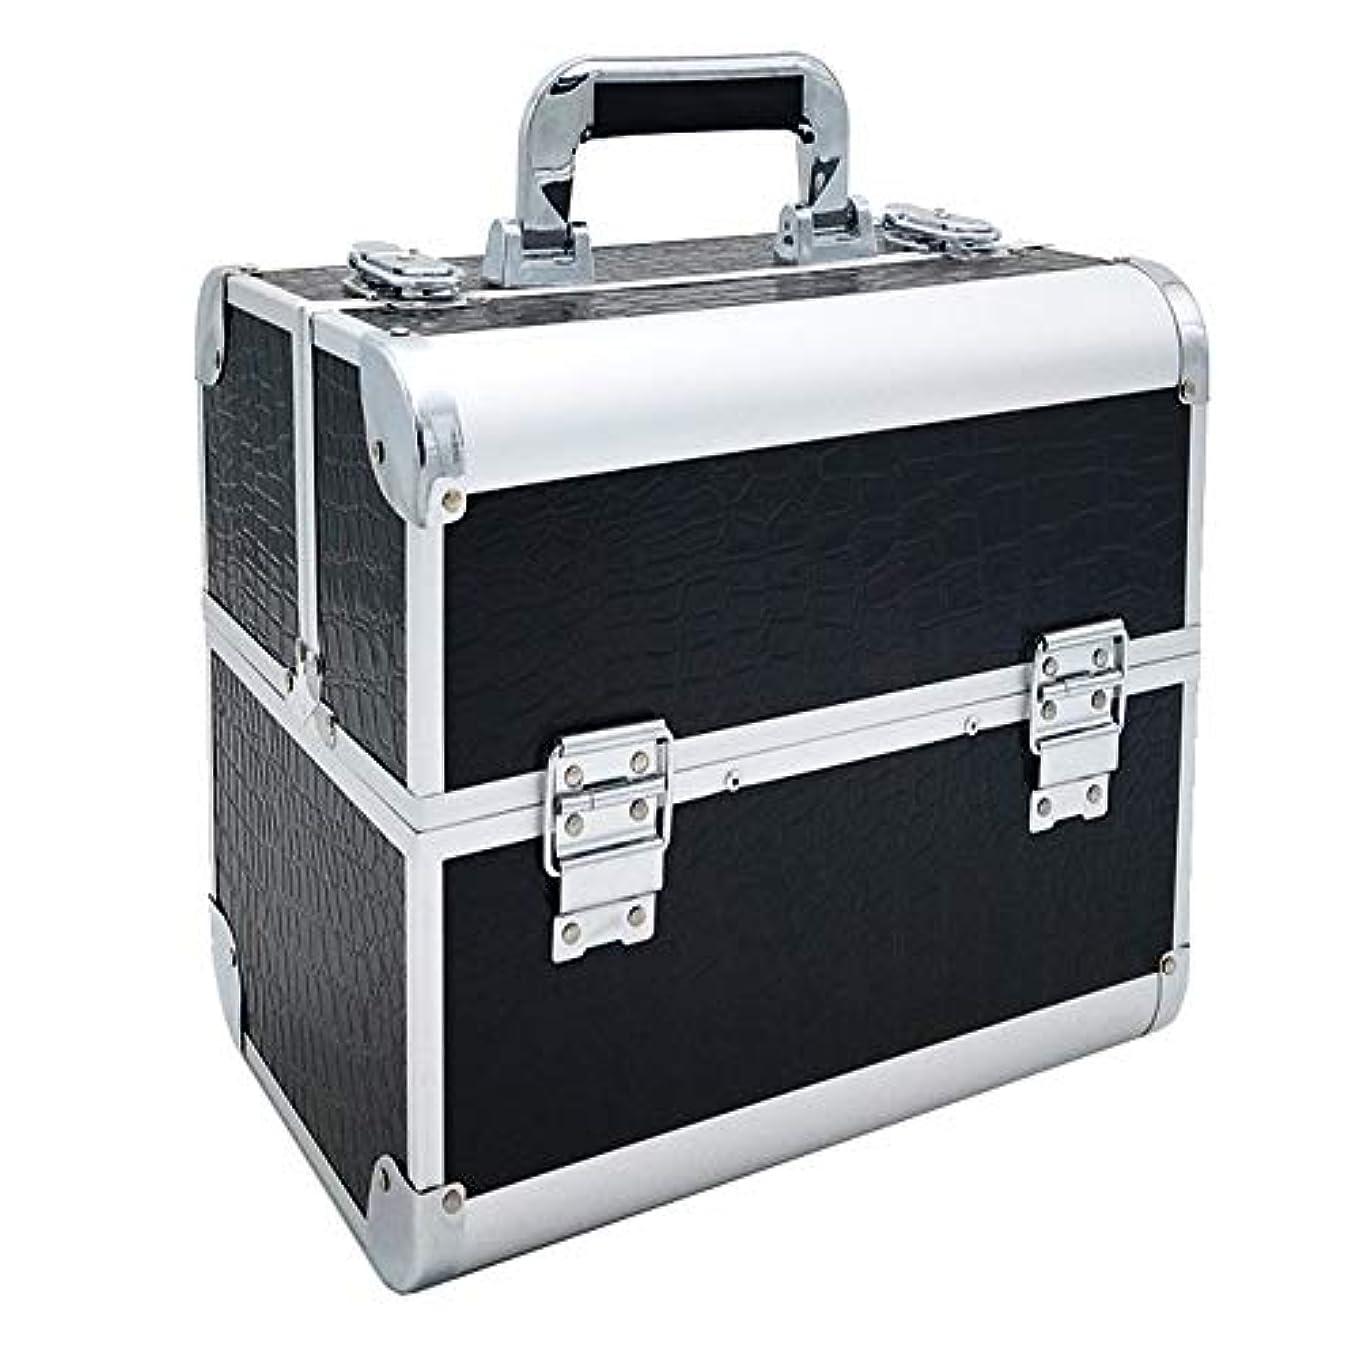 通訳ピアノを弾くまっすぐ特大スペース収納ビューティーボックス 調節可能なディバイダーが付いている構造の電車箱の専門の化粧品カセット4つの皿および2つのロック黒、ピンク任意。 化粧品化粧台